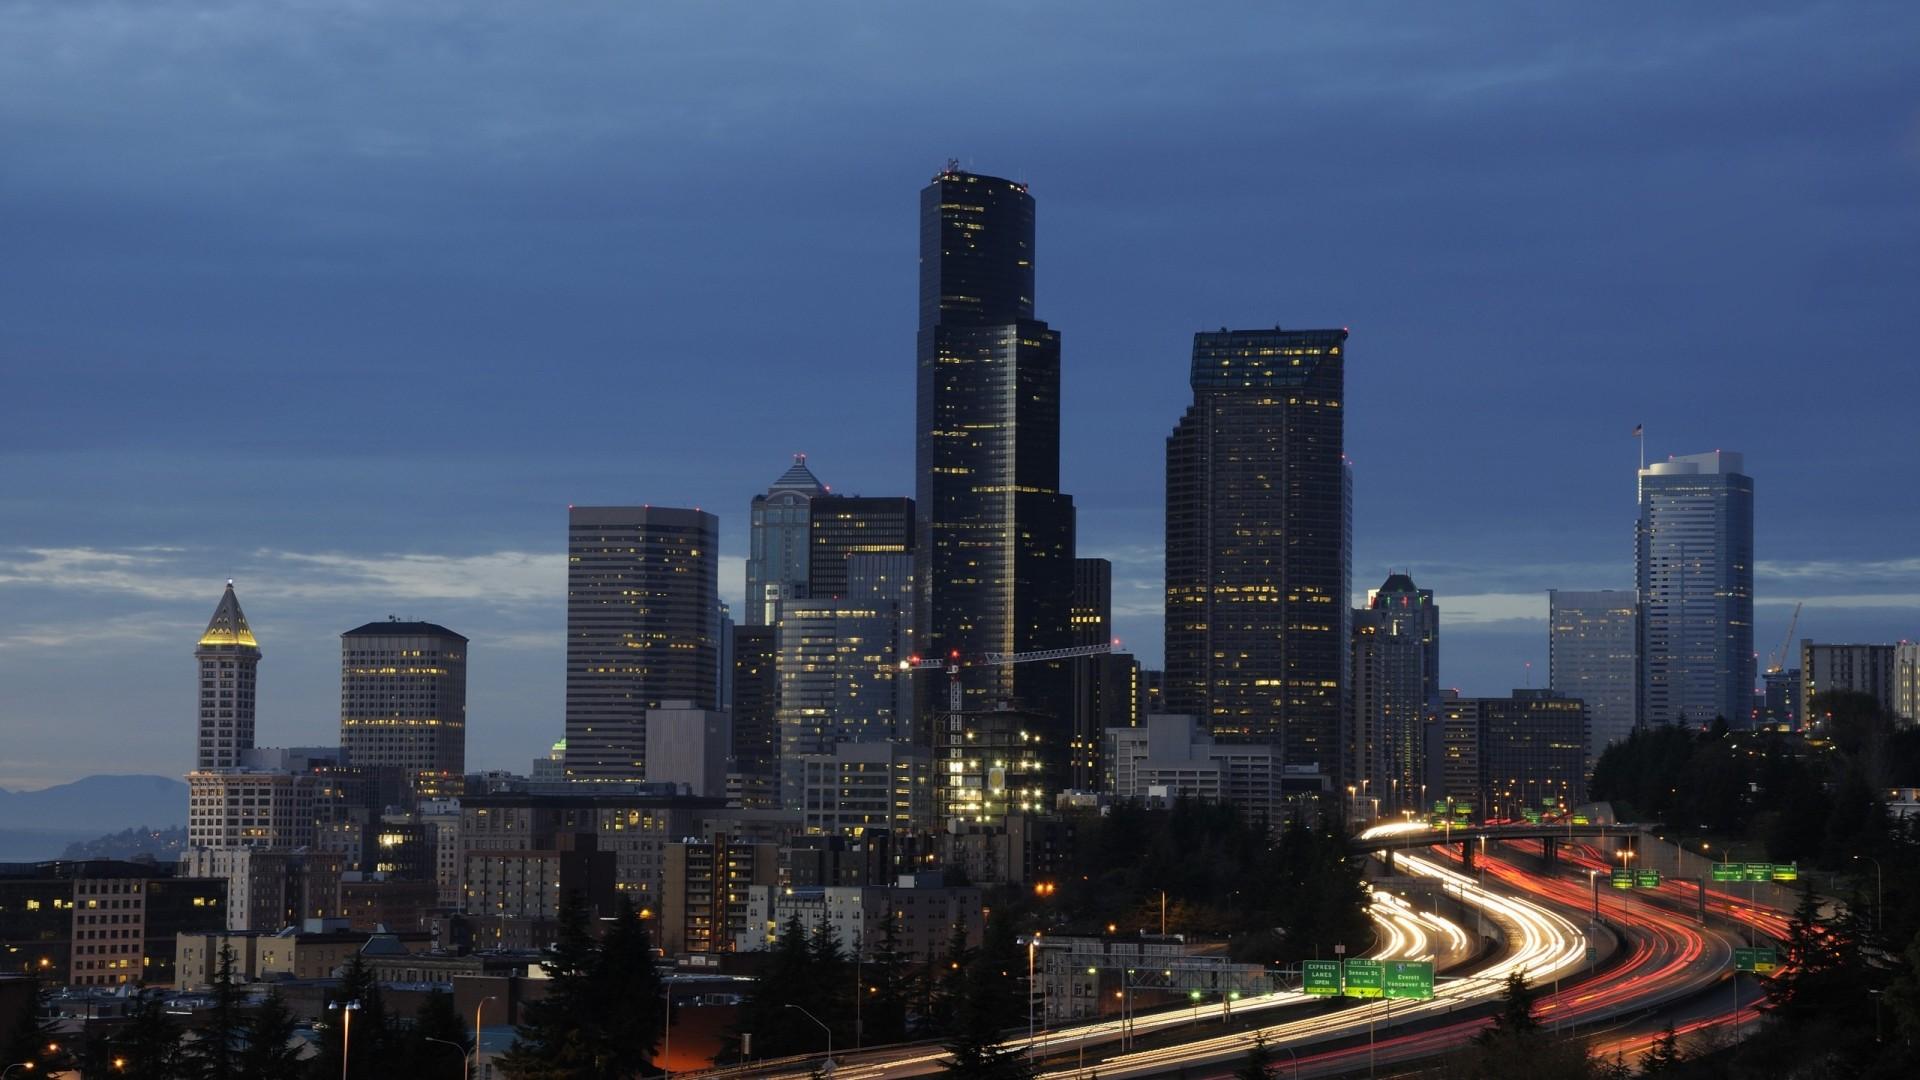 Filename: Seattle-HD-Background.jpg